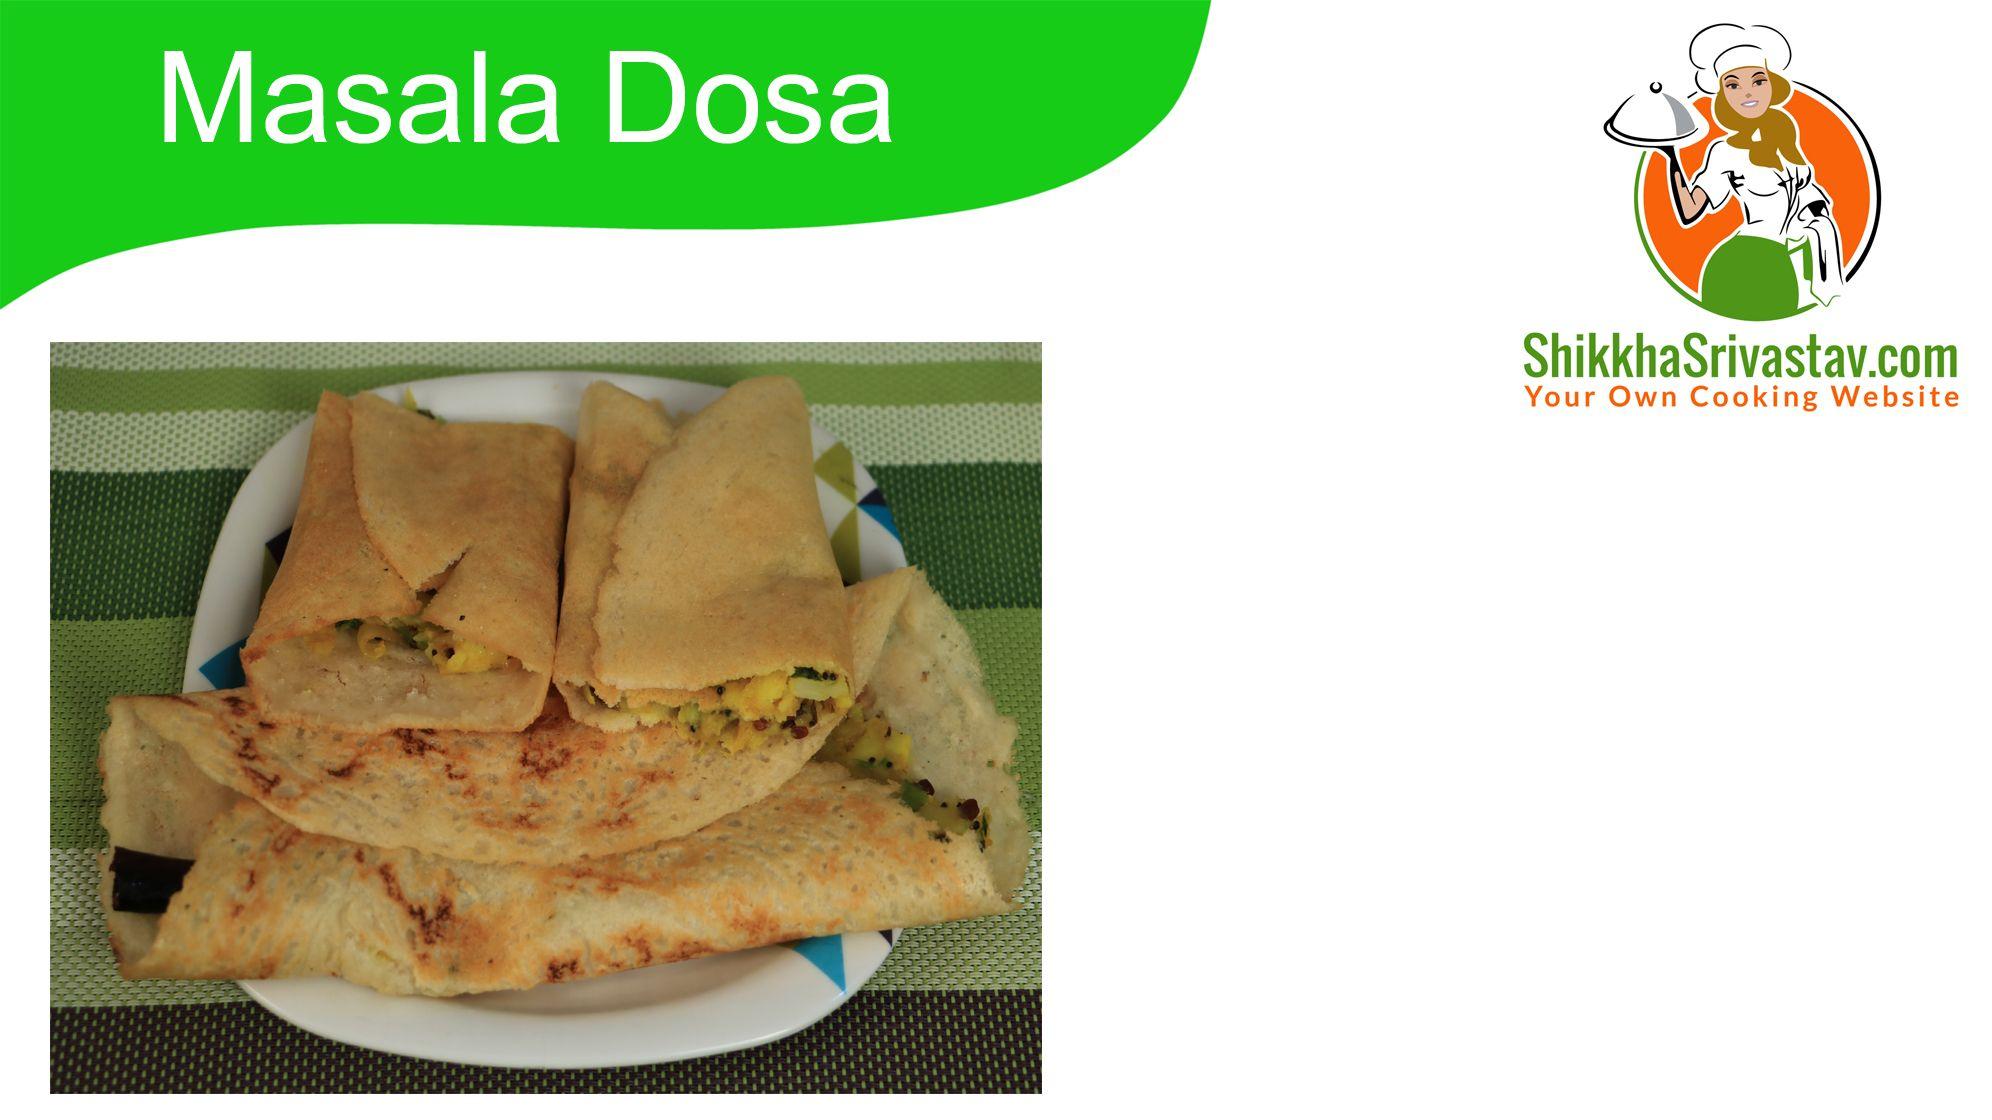 Masala dosa recipe in hindi how to make masala dosa at home in masala dosa recipe in hindi how to make masala dosa at home in hindi forumfinder Choice Image